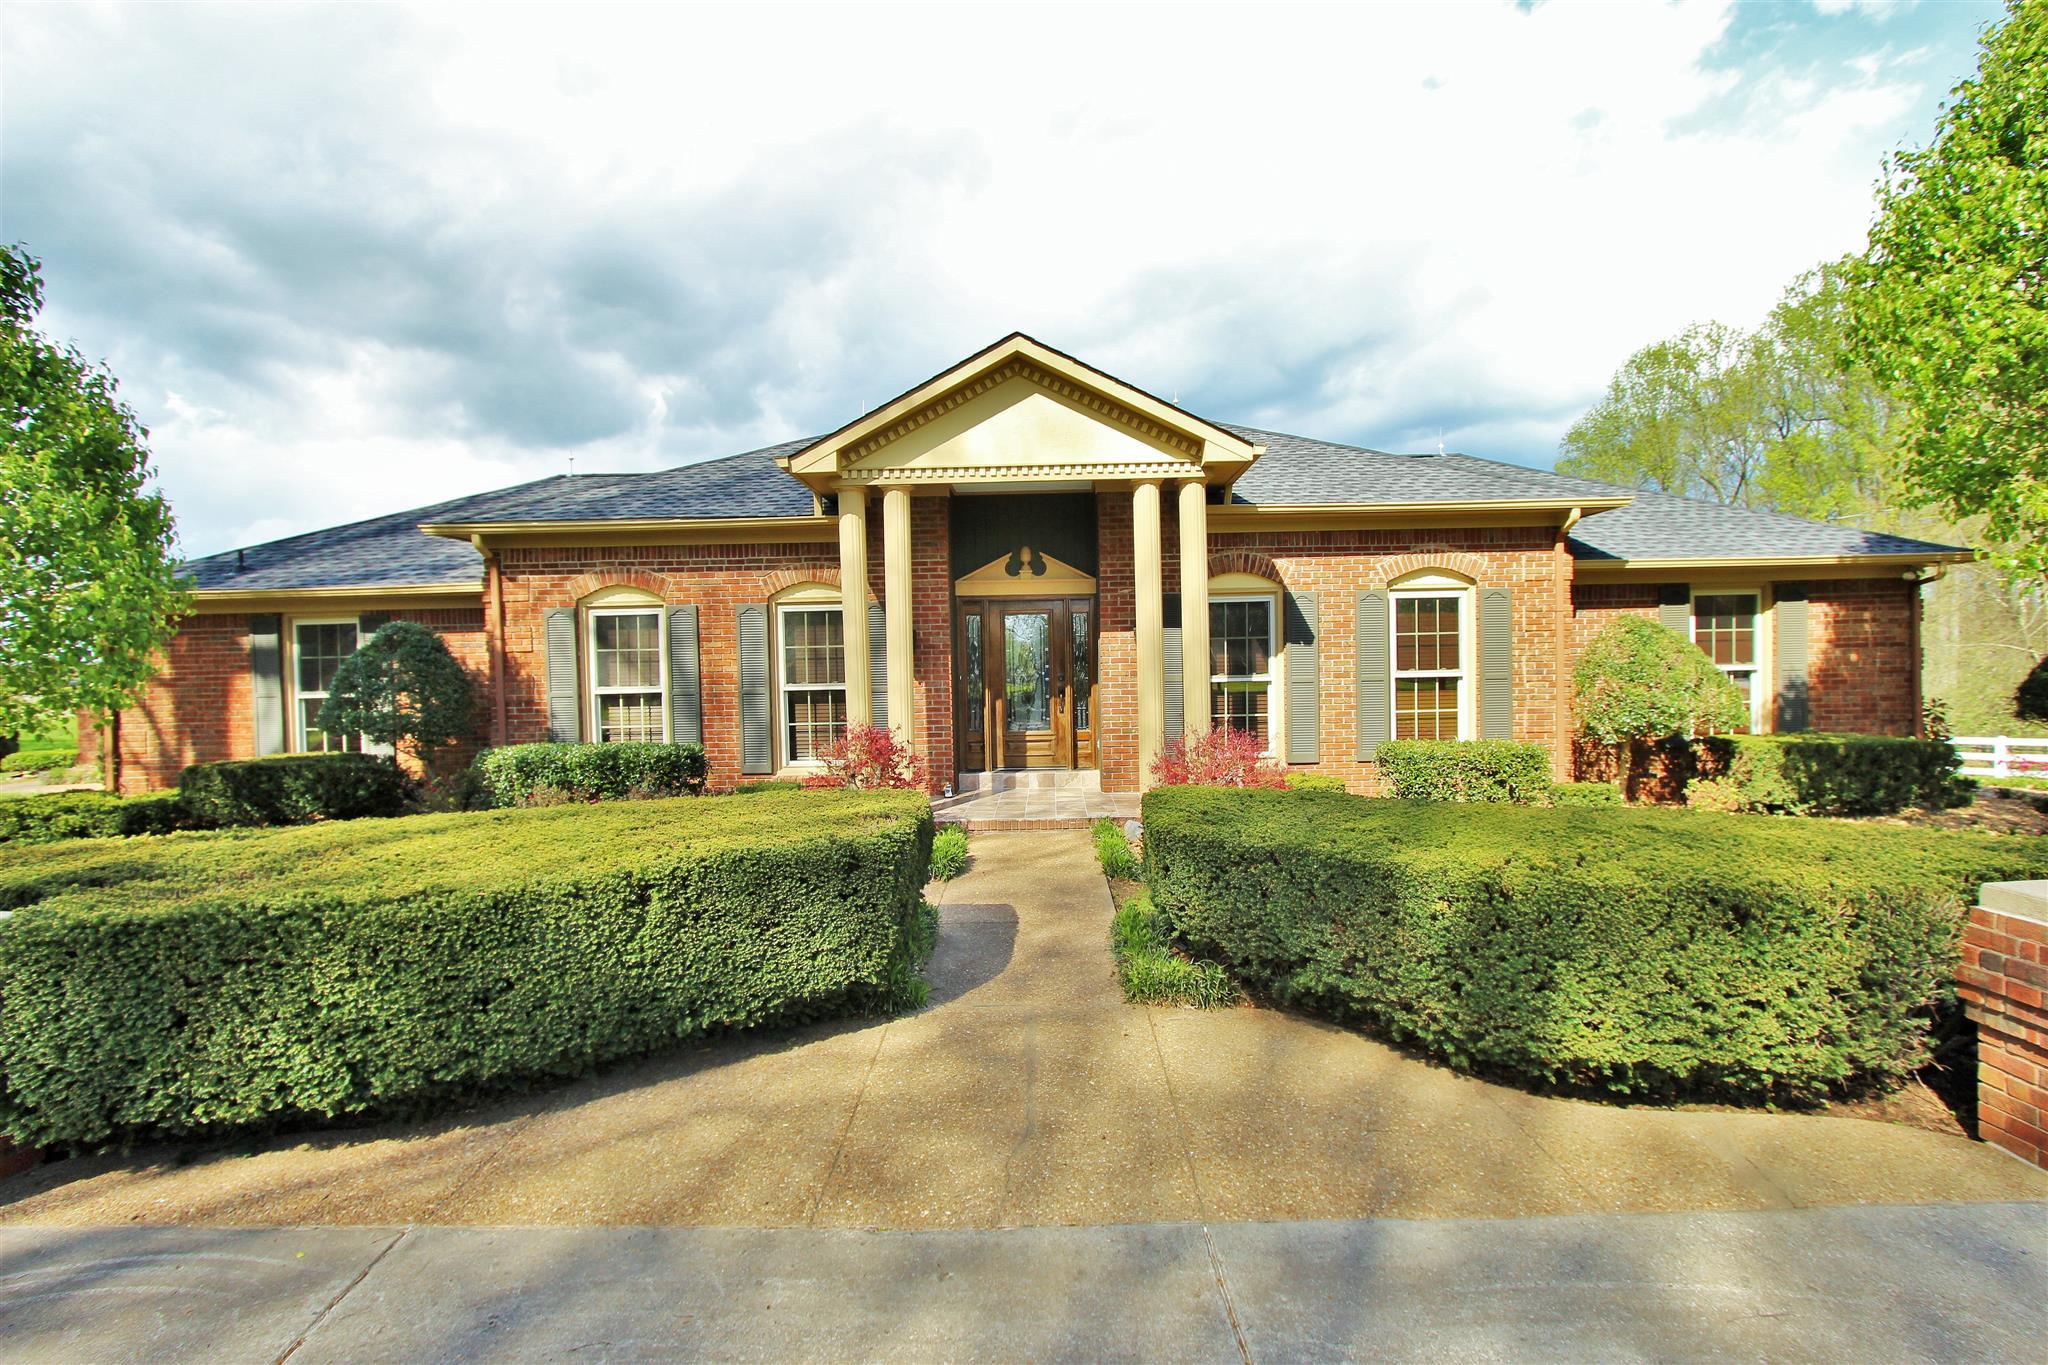 4517 Jernigan Rd, Cross Plains, TN 37049